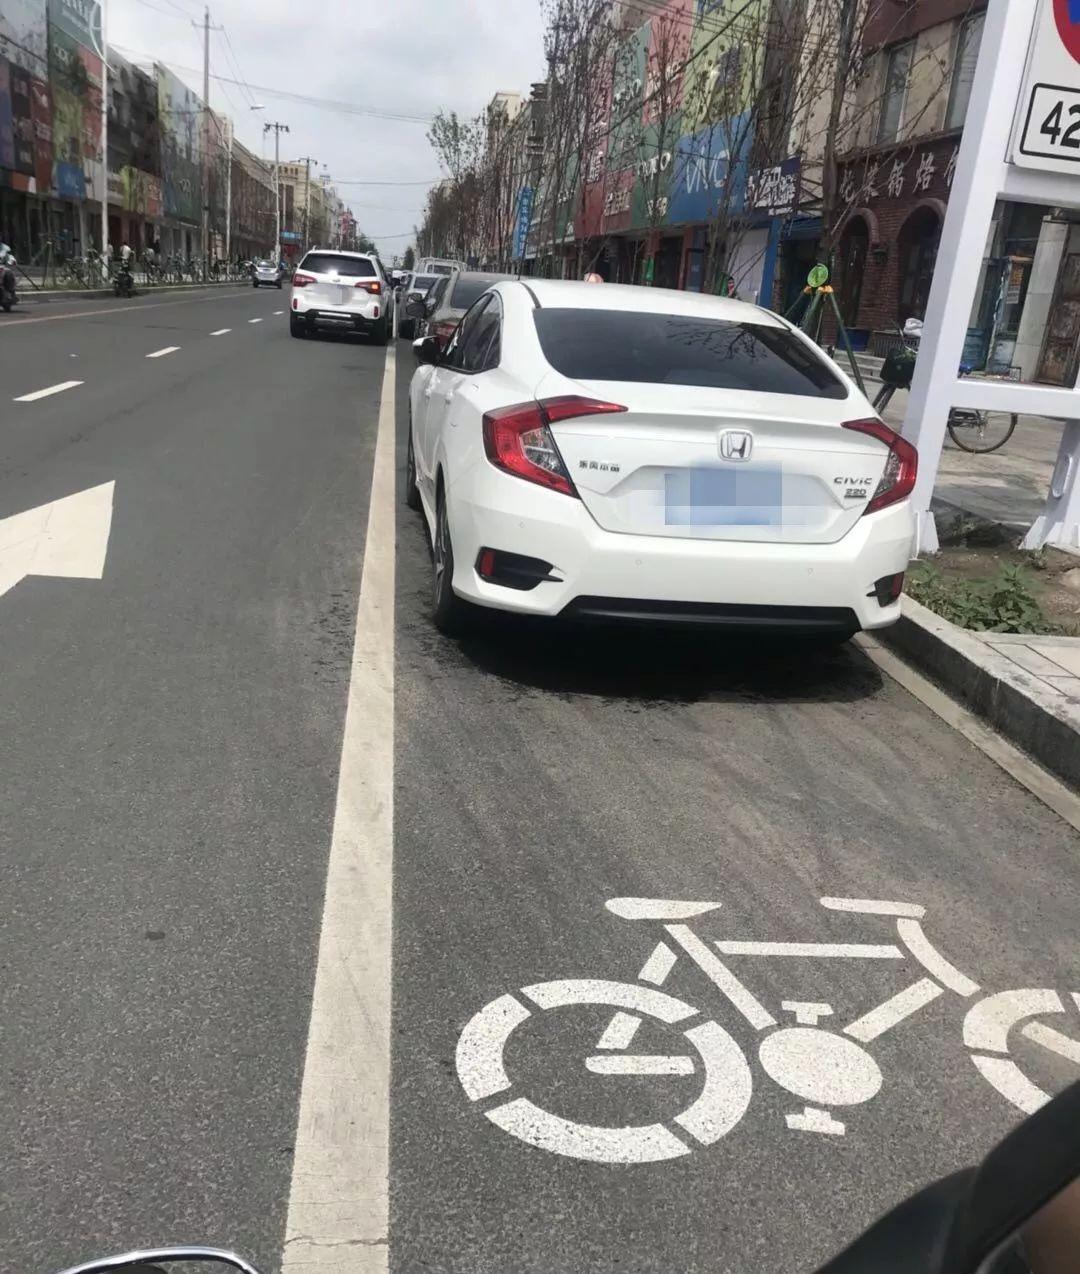 【城事】白城司机们注意!在这里停车违章罚款没商量,是时候该反思改正了